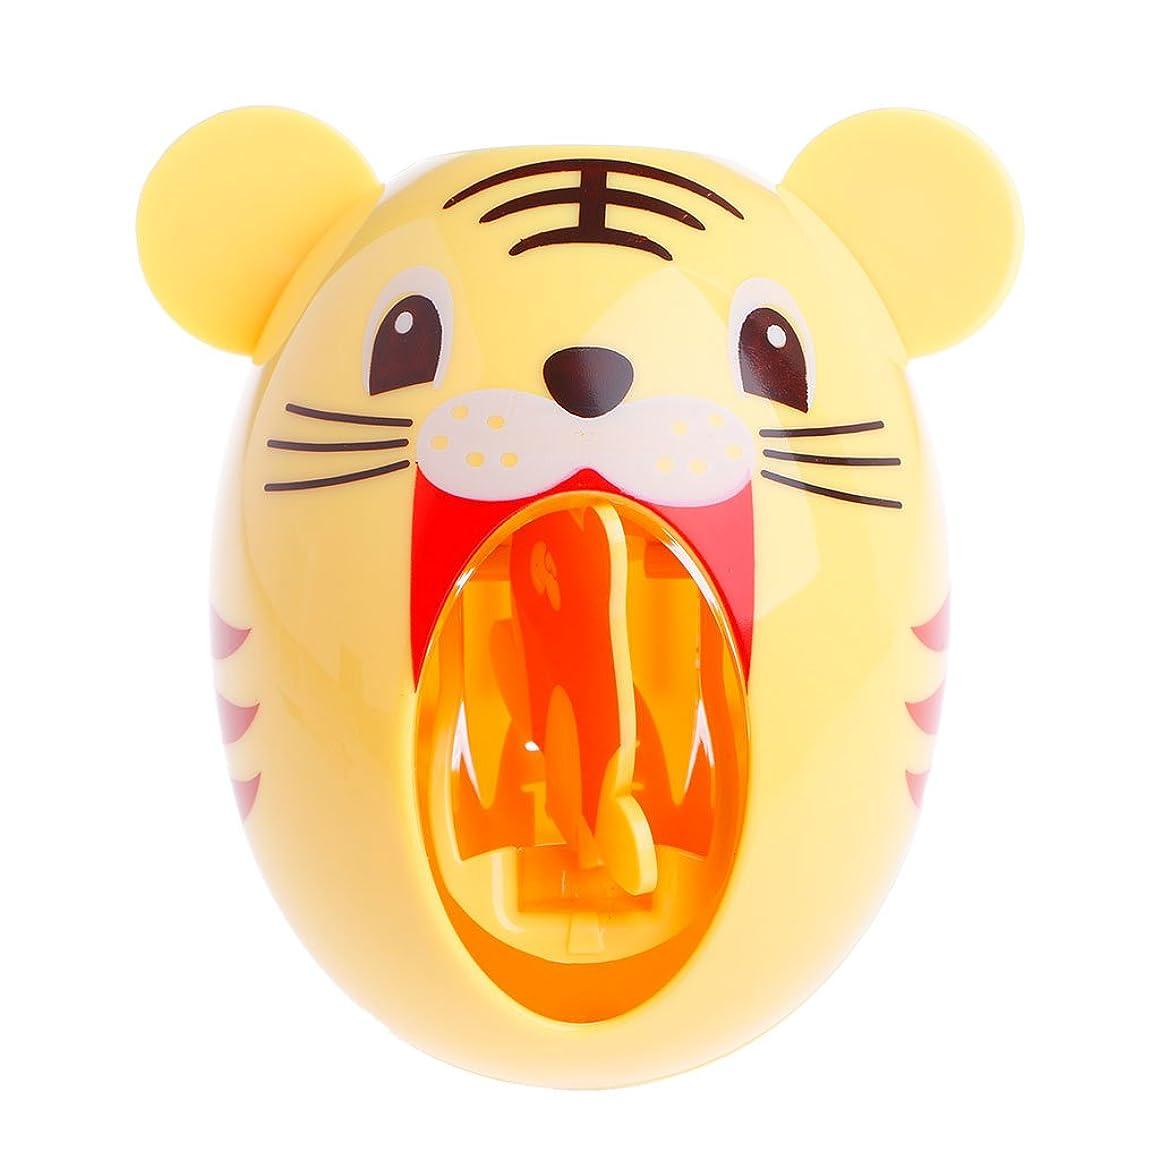 そよ風強制空白Lamdooキッズかわいい漫画の動物デザイン歯ブラシホルダー自動歯磨き粉ディスペンス